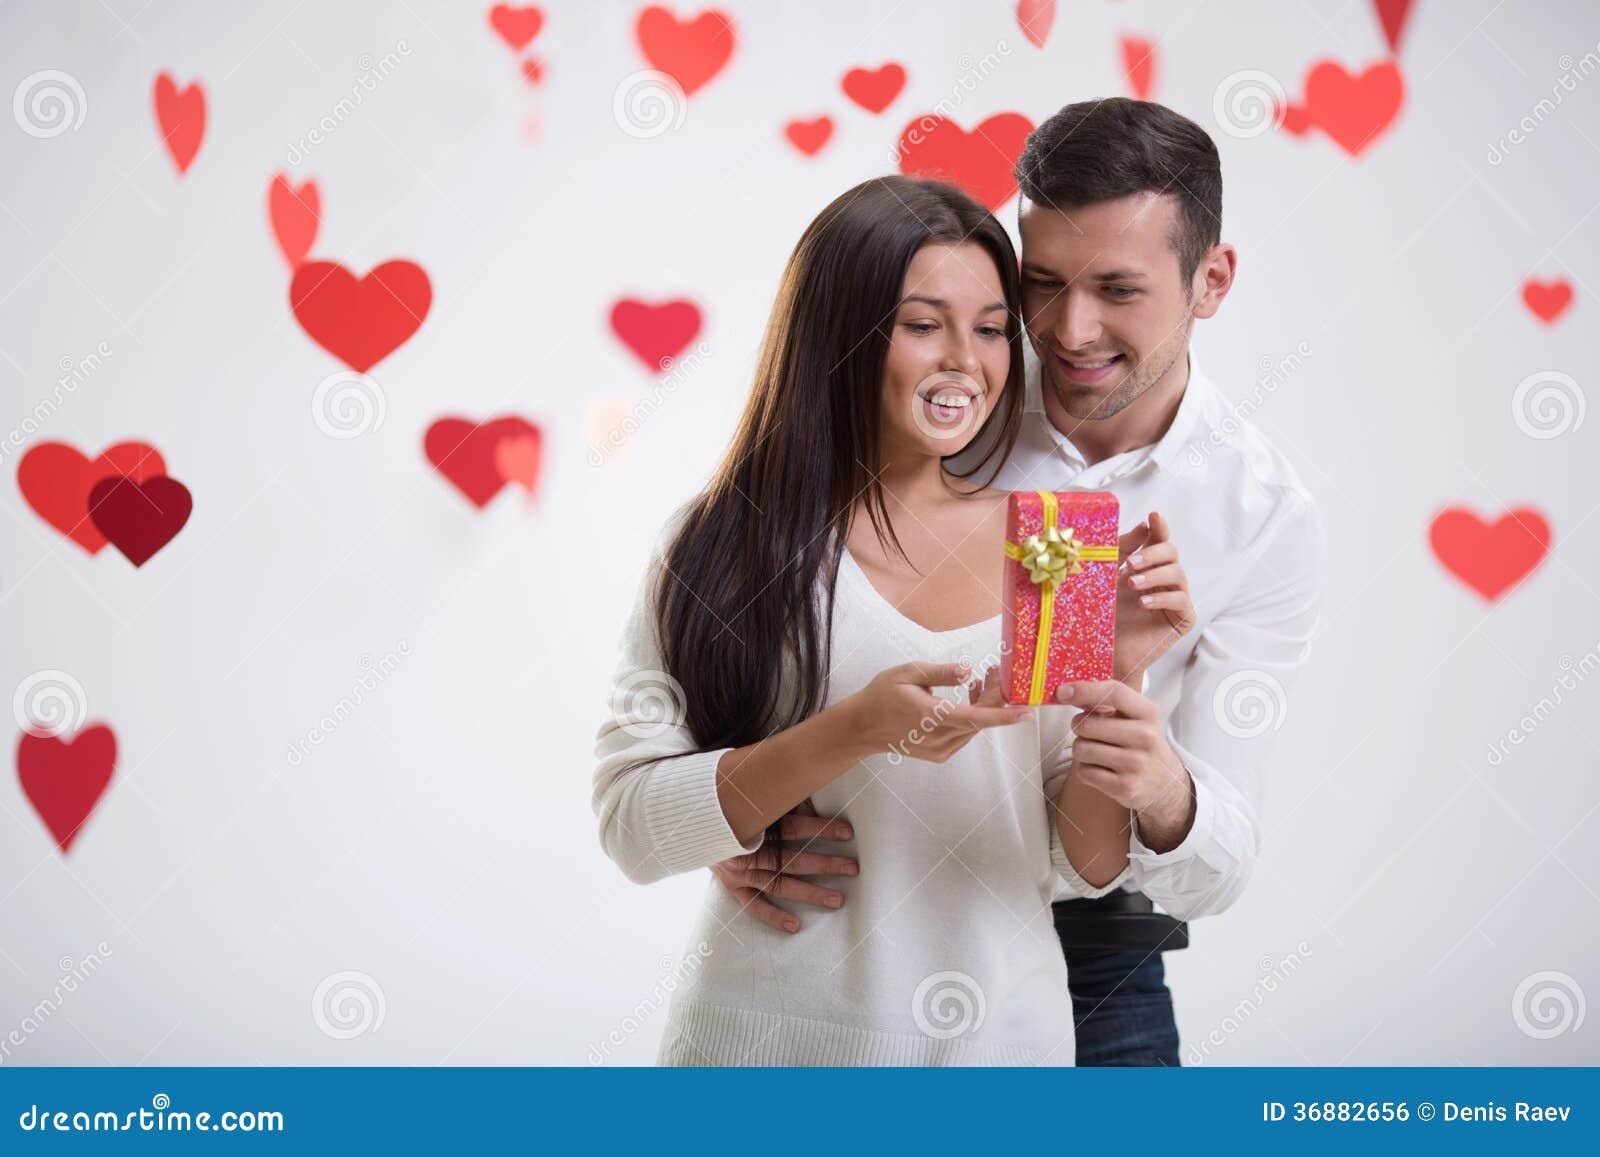 Download Felicità fotografia stock. Immagine di bellezza, people - 36882656